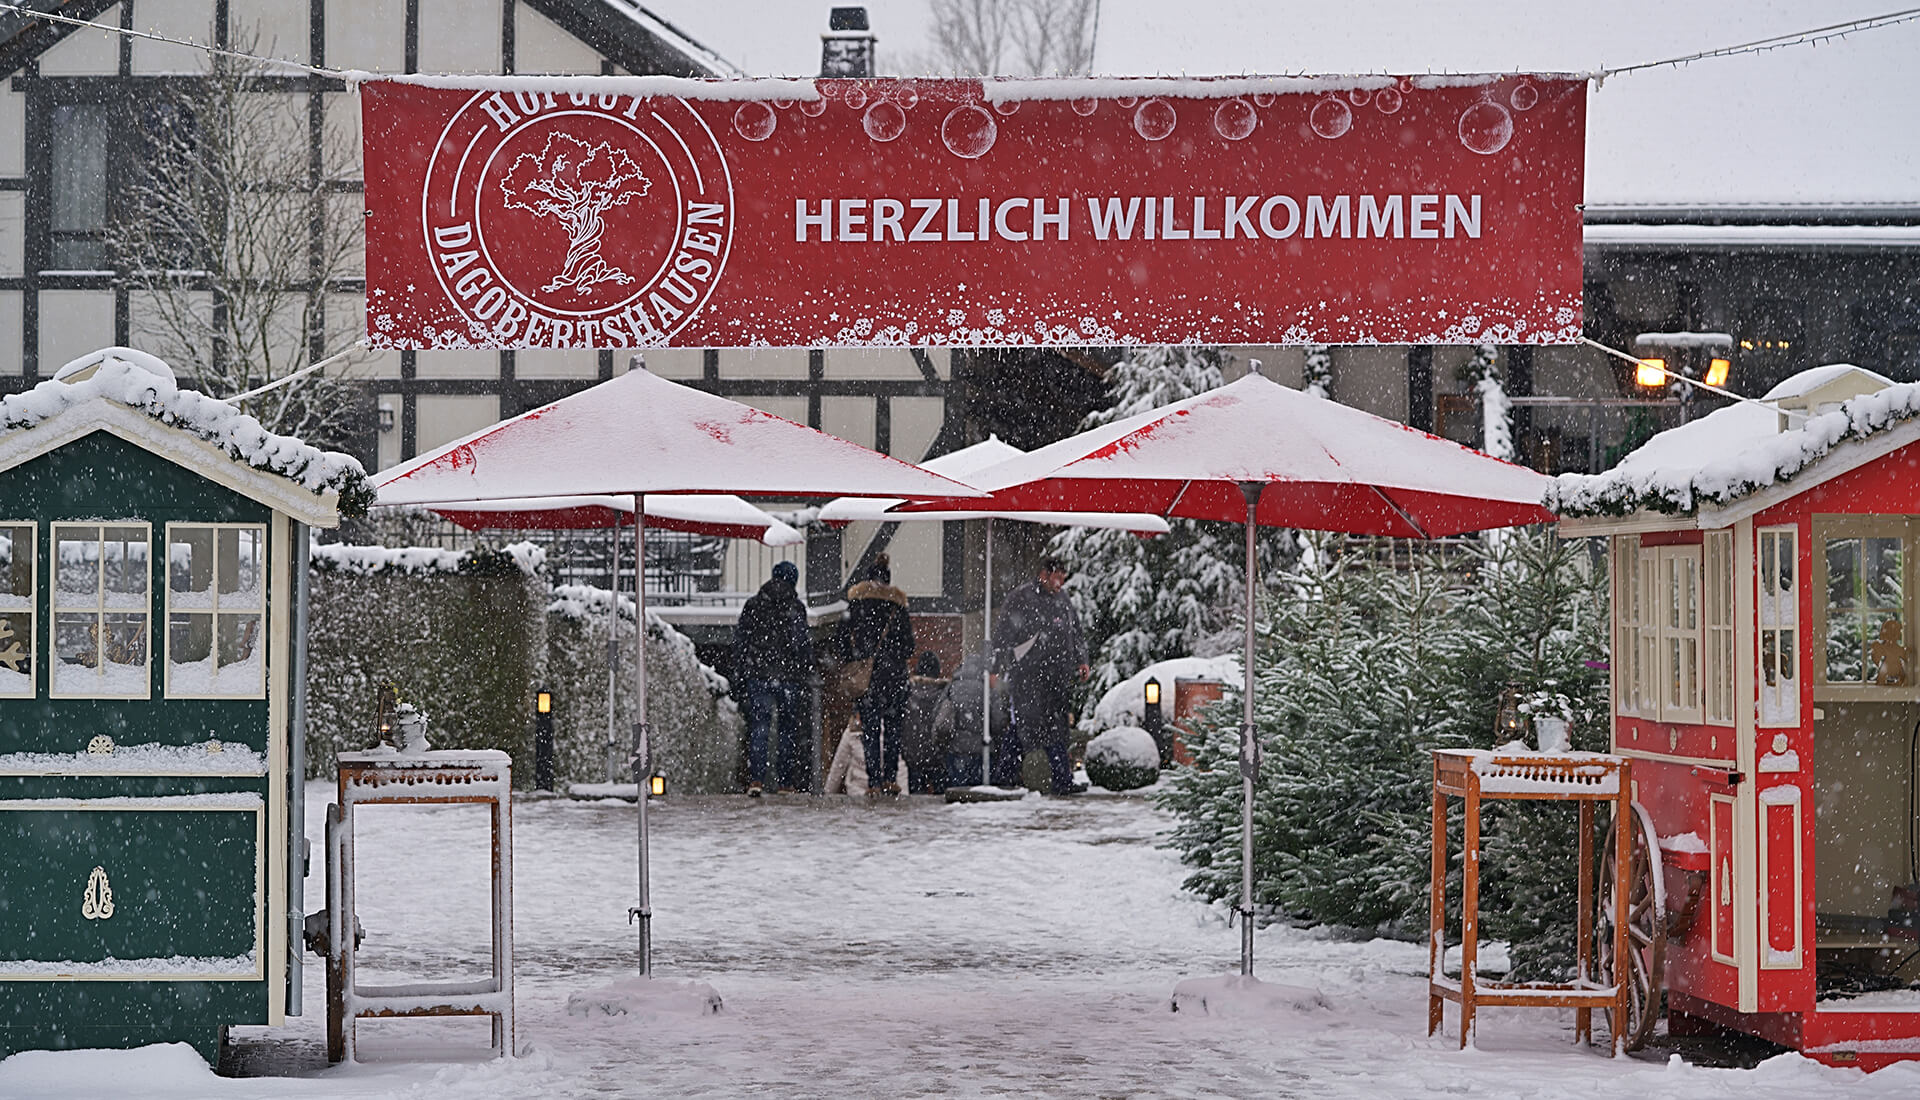 öffnungszeiten Weihnachtsmarkt.Advents Und Weihnachtsmarkt Hofgut Dagobertshausen Marburg